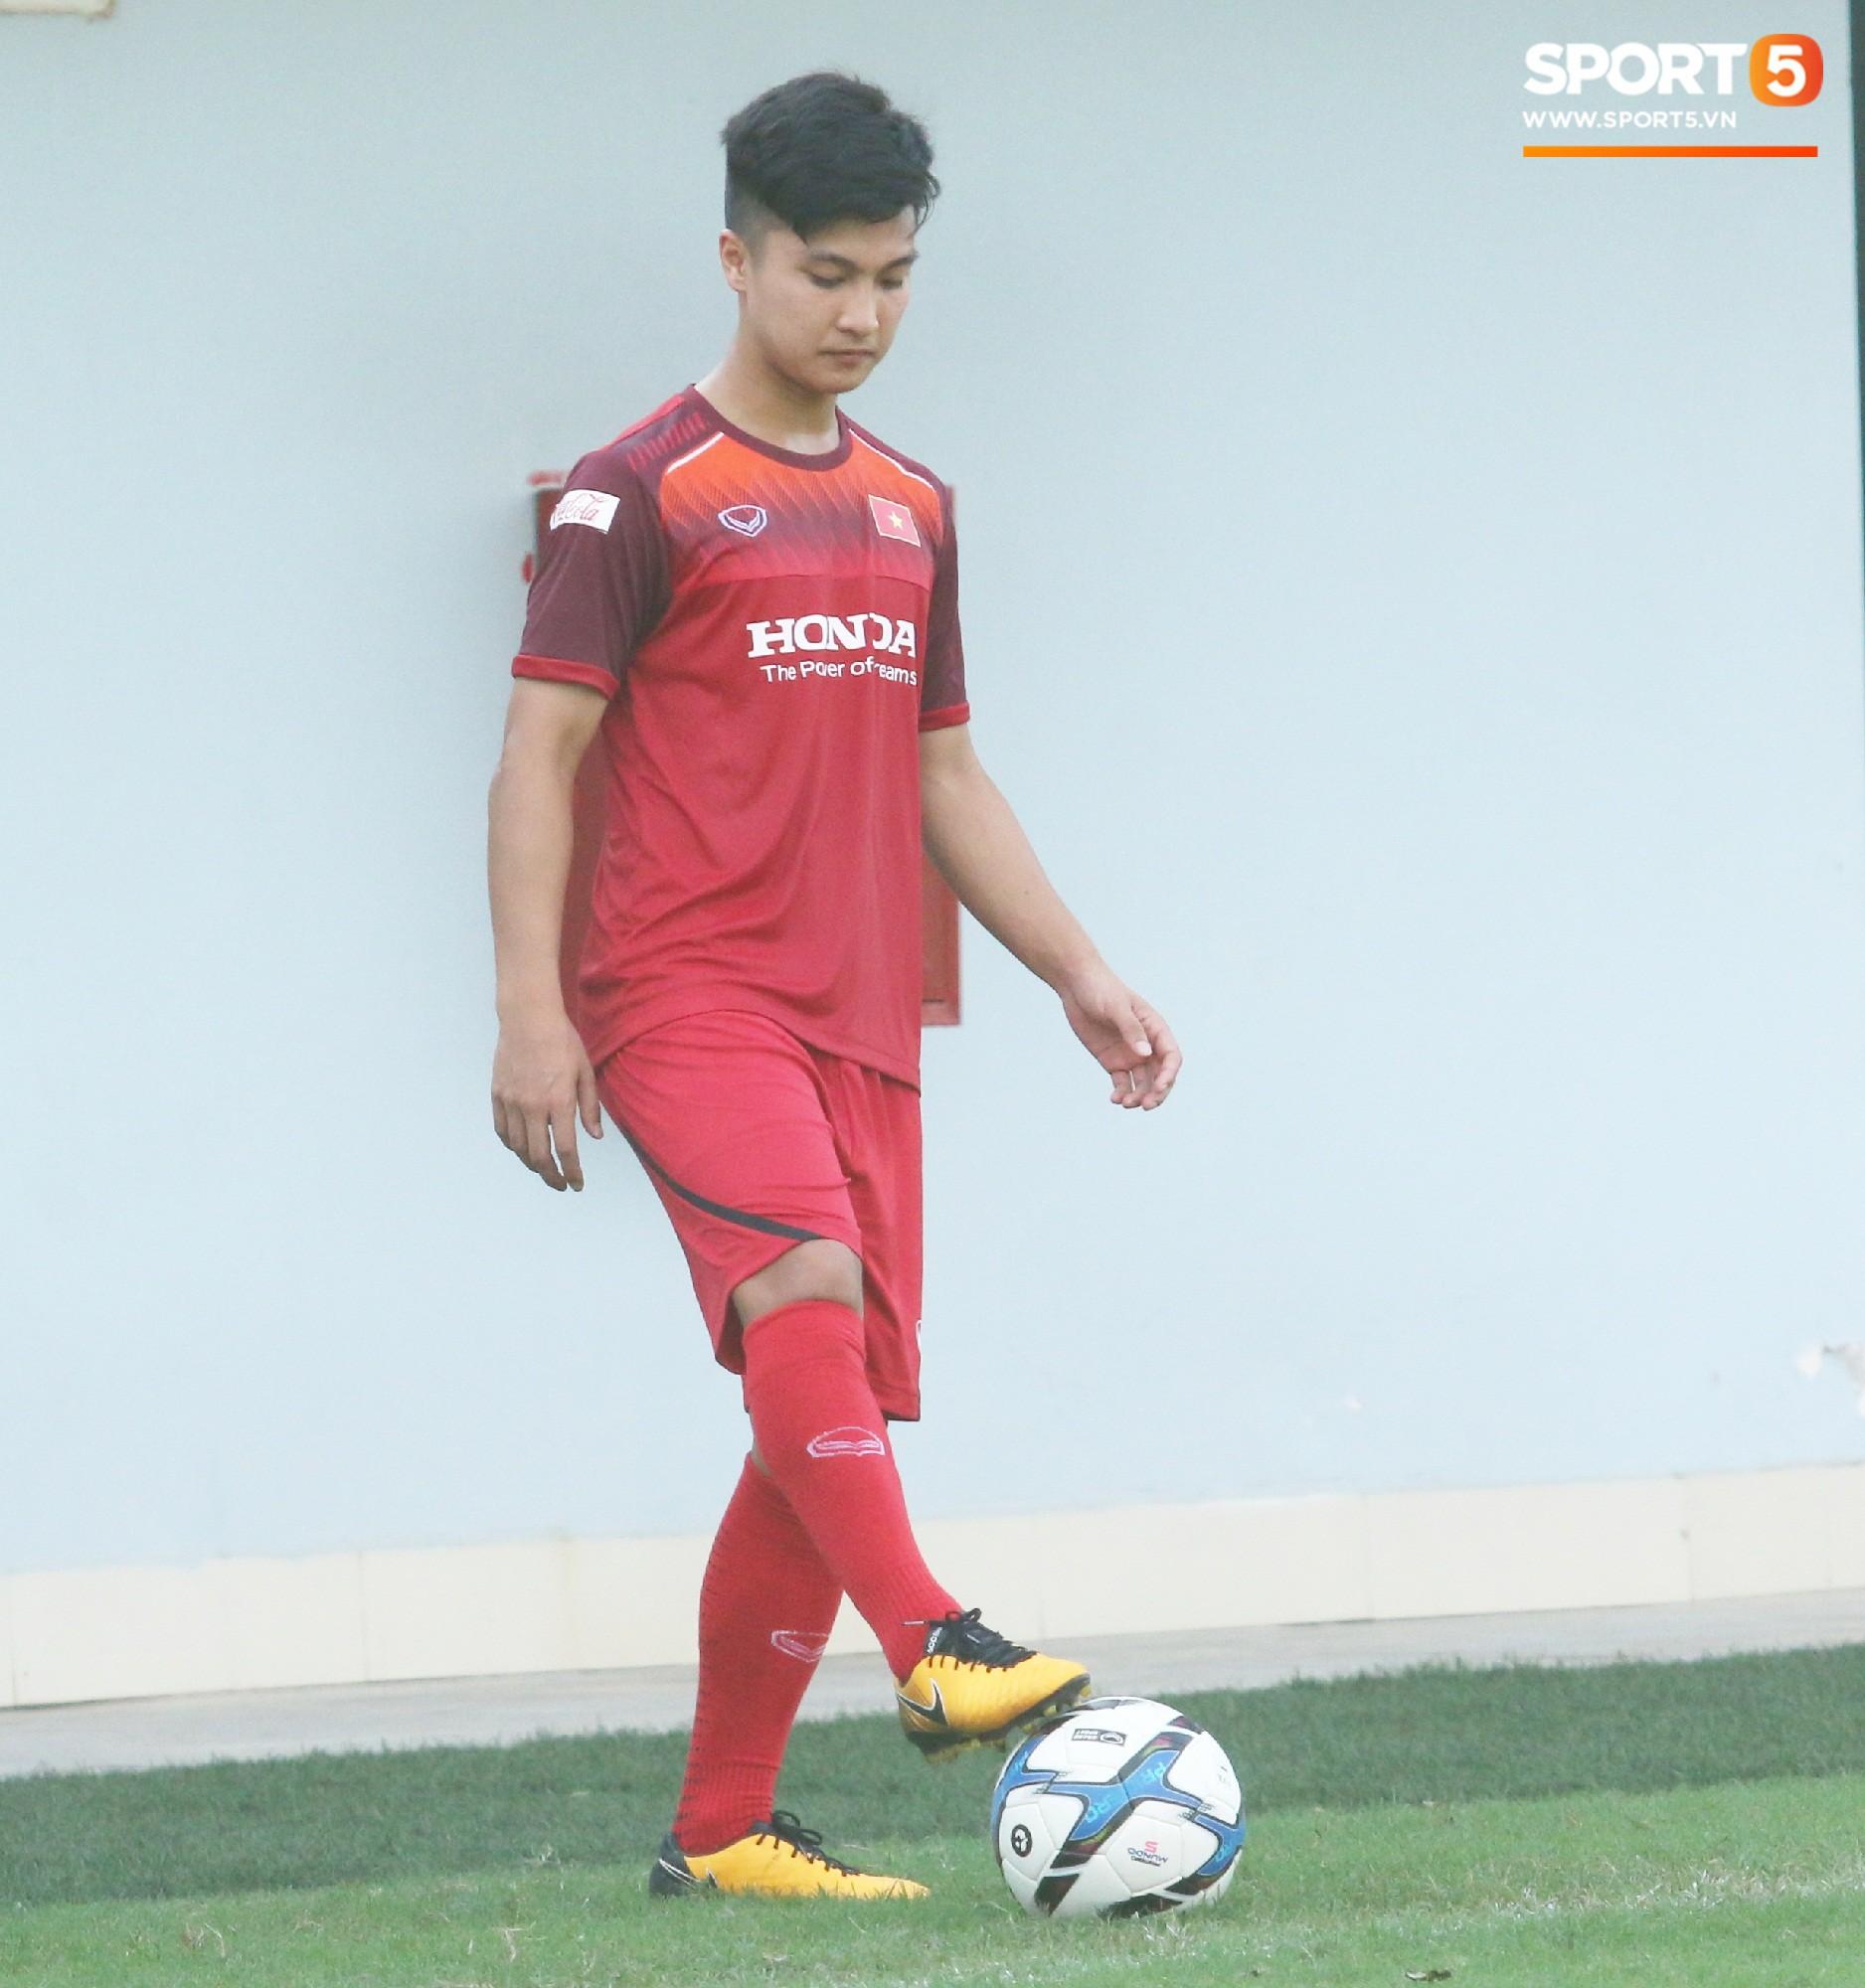 Hot boy Việt kiều chưa thể tập luyện, xót xa nhìn hàng loạt cầu thủ U23 Việt Nam chấn thương - Ảnh 3.